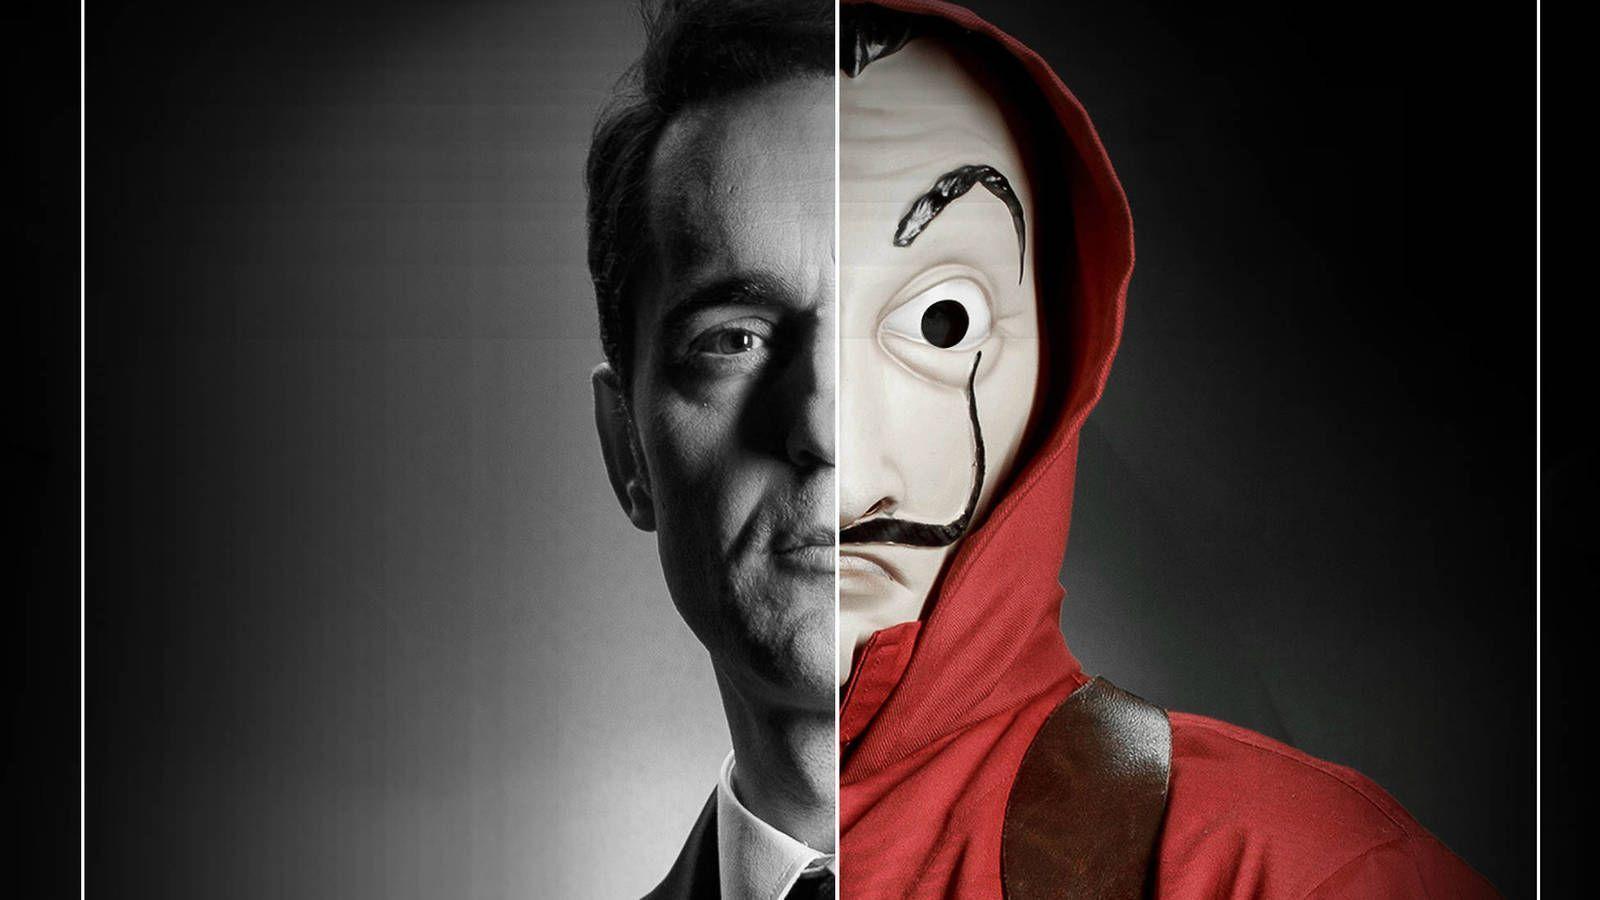 Money Heist Mask Wallpapers - Top Free Money Heist Mask ...